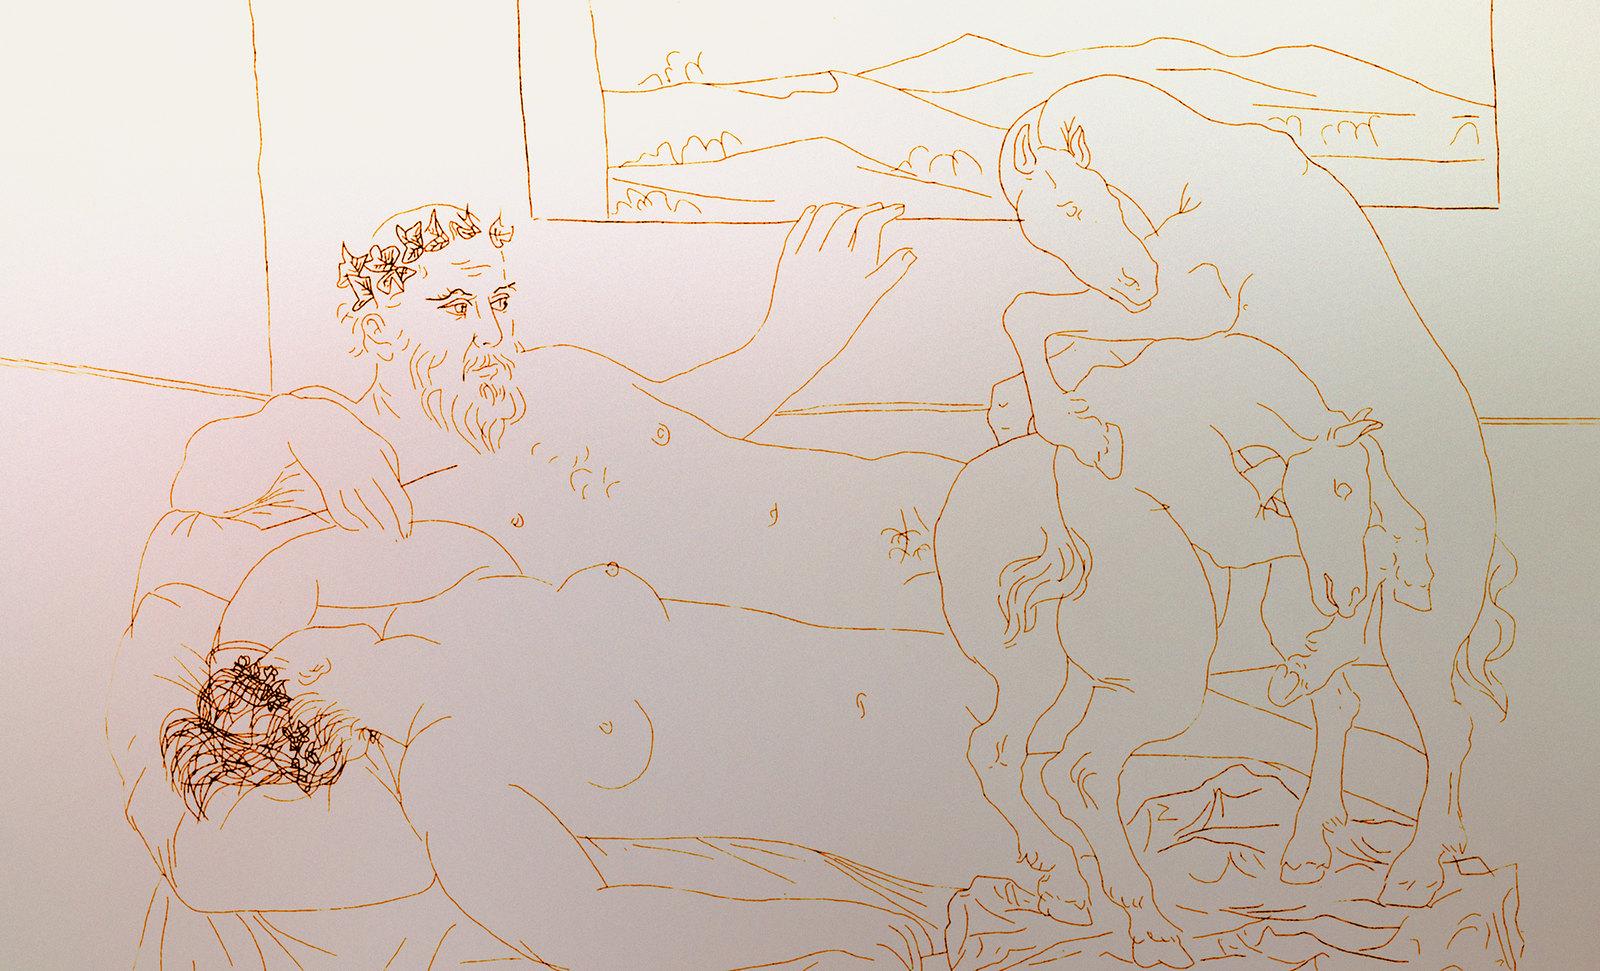 86Pablo Picasso